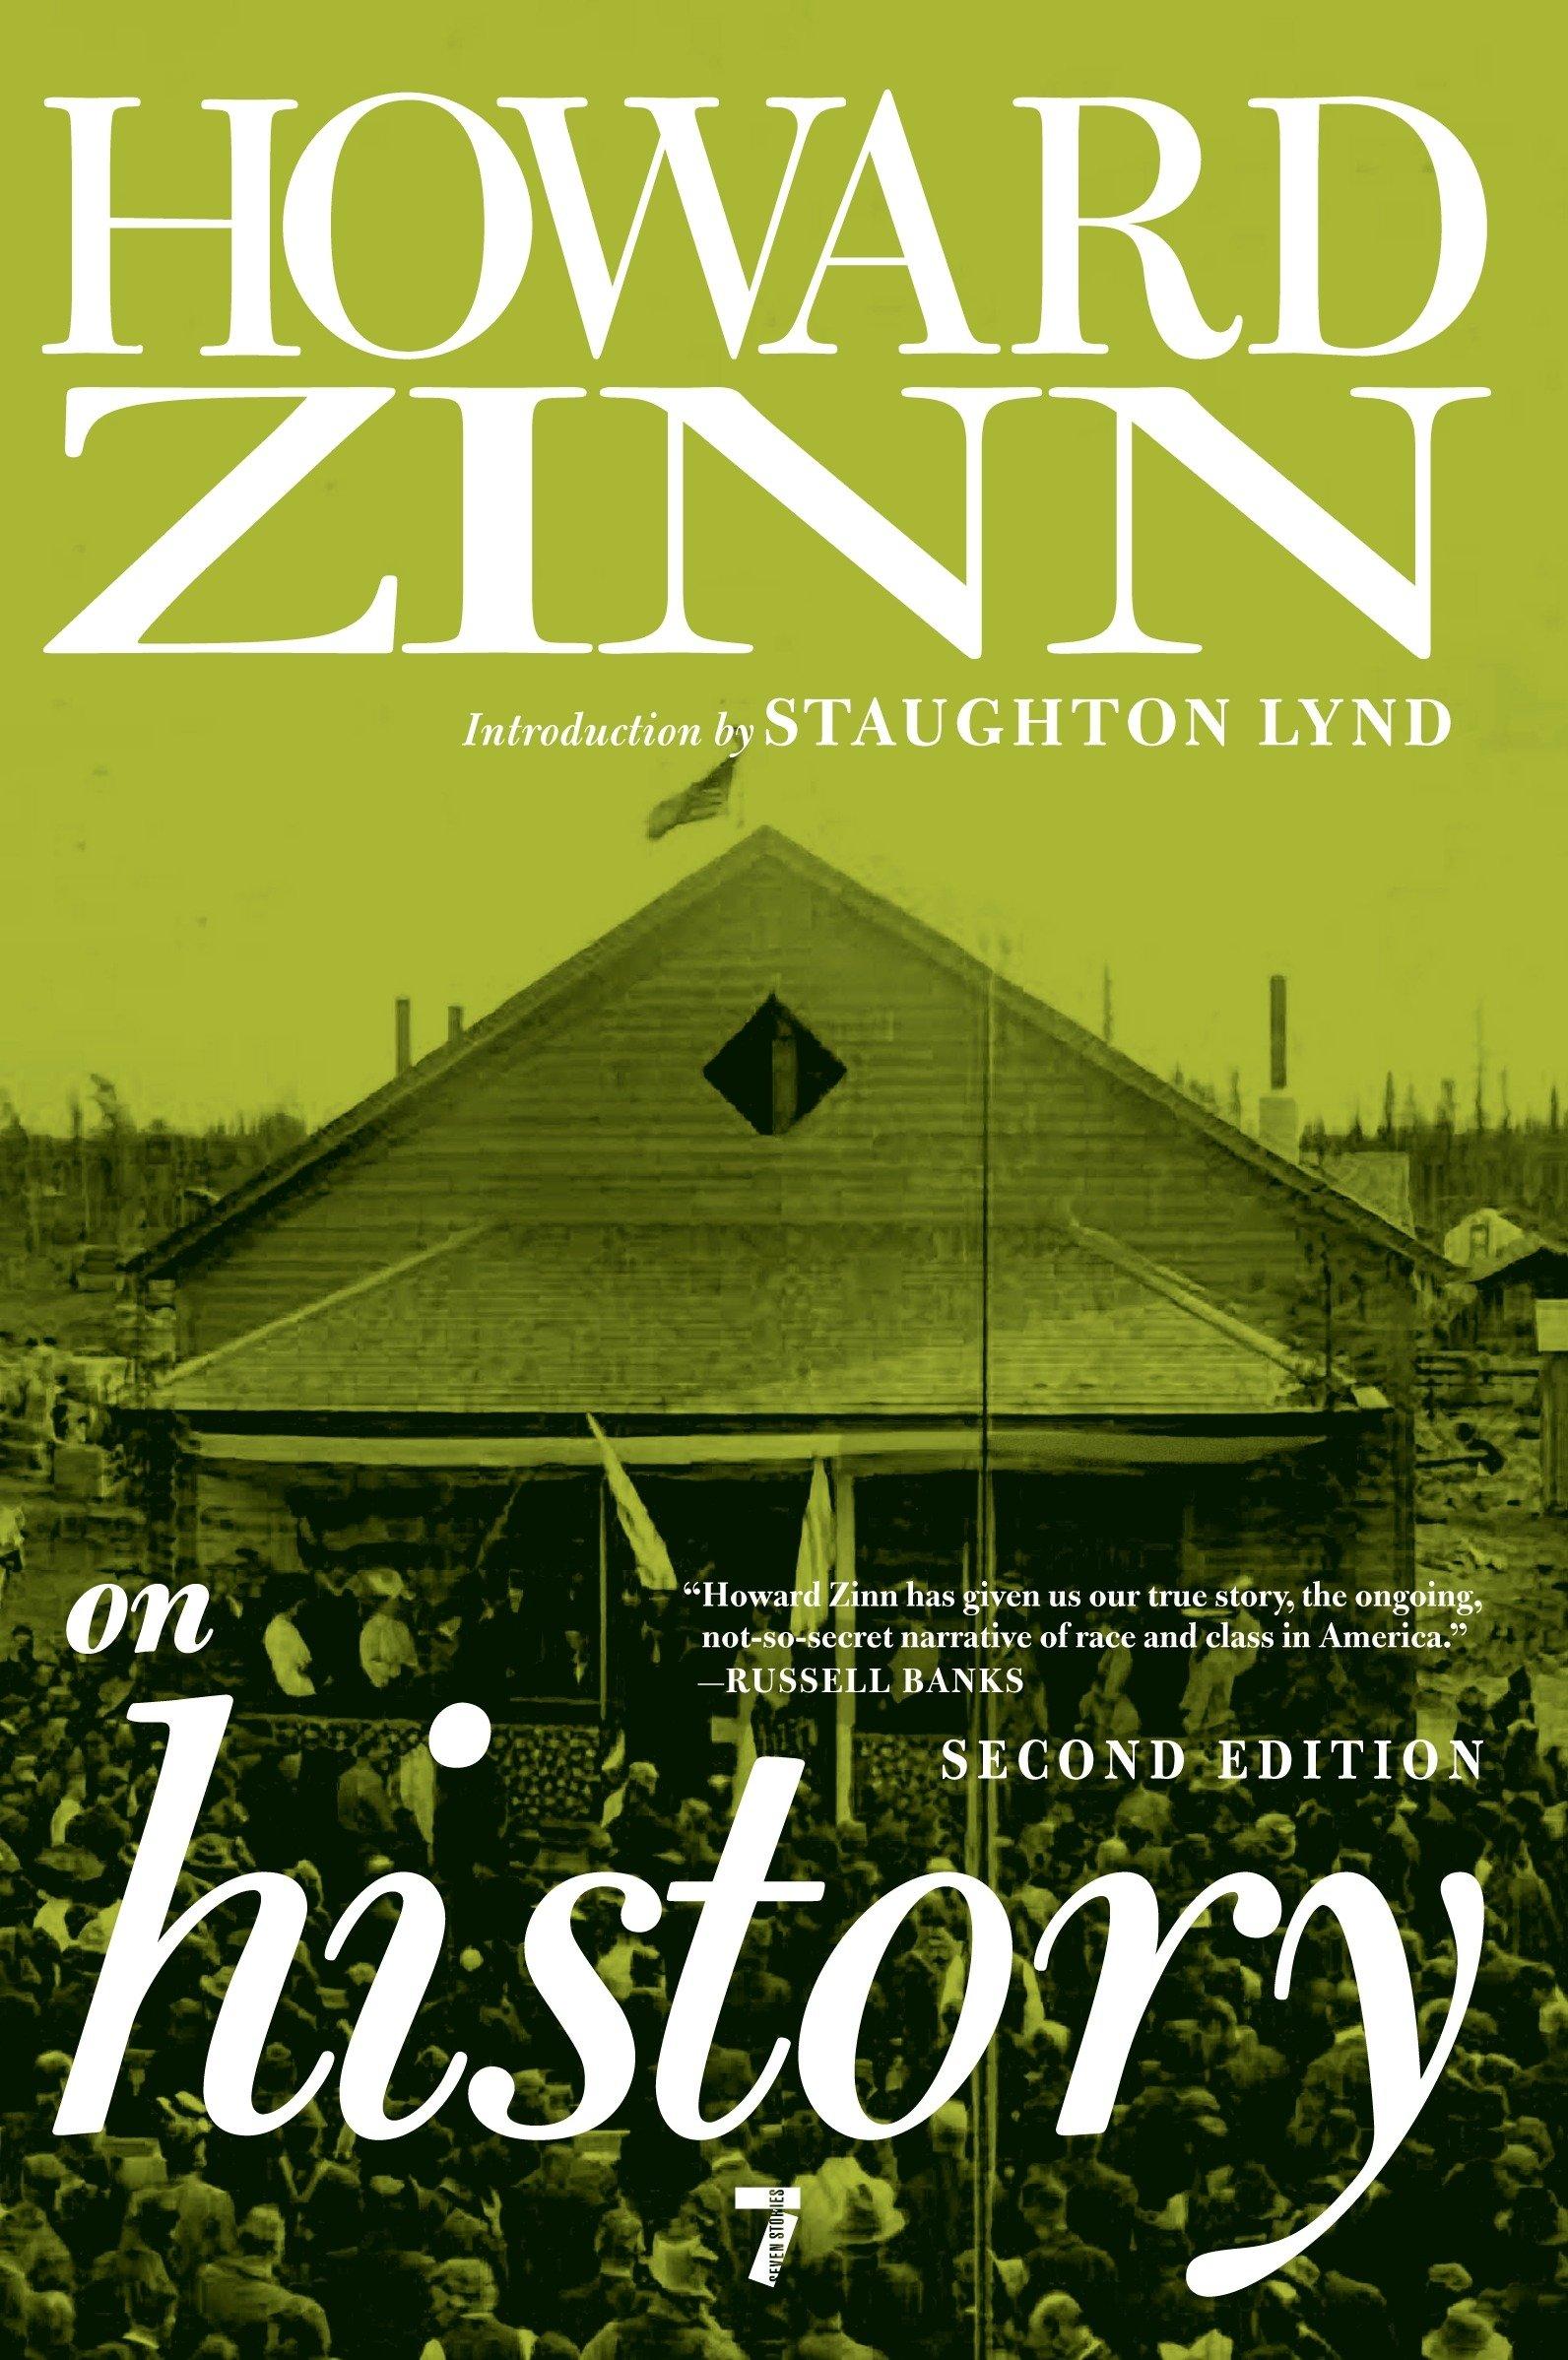 Howard Zinn on History